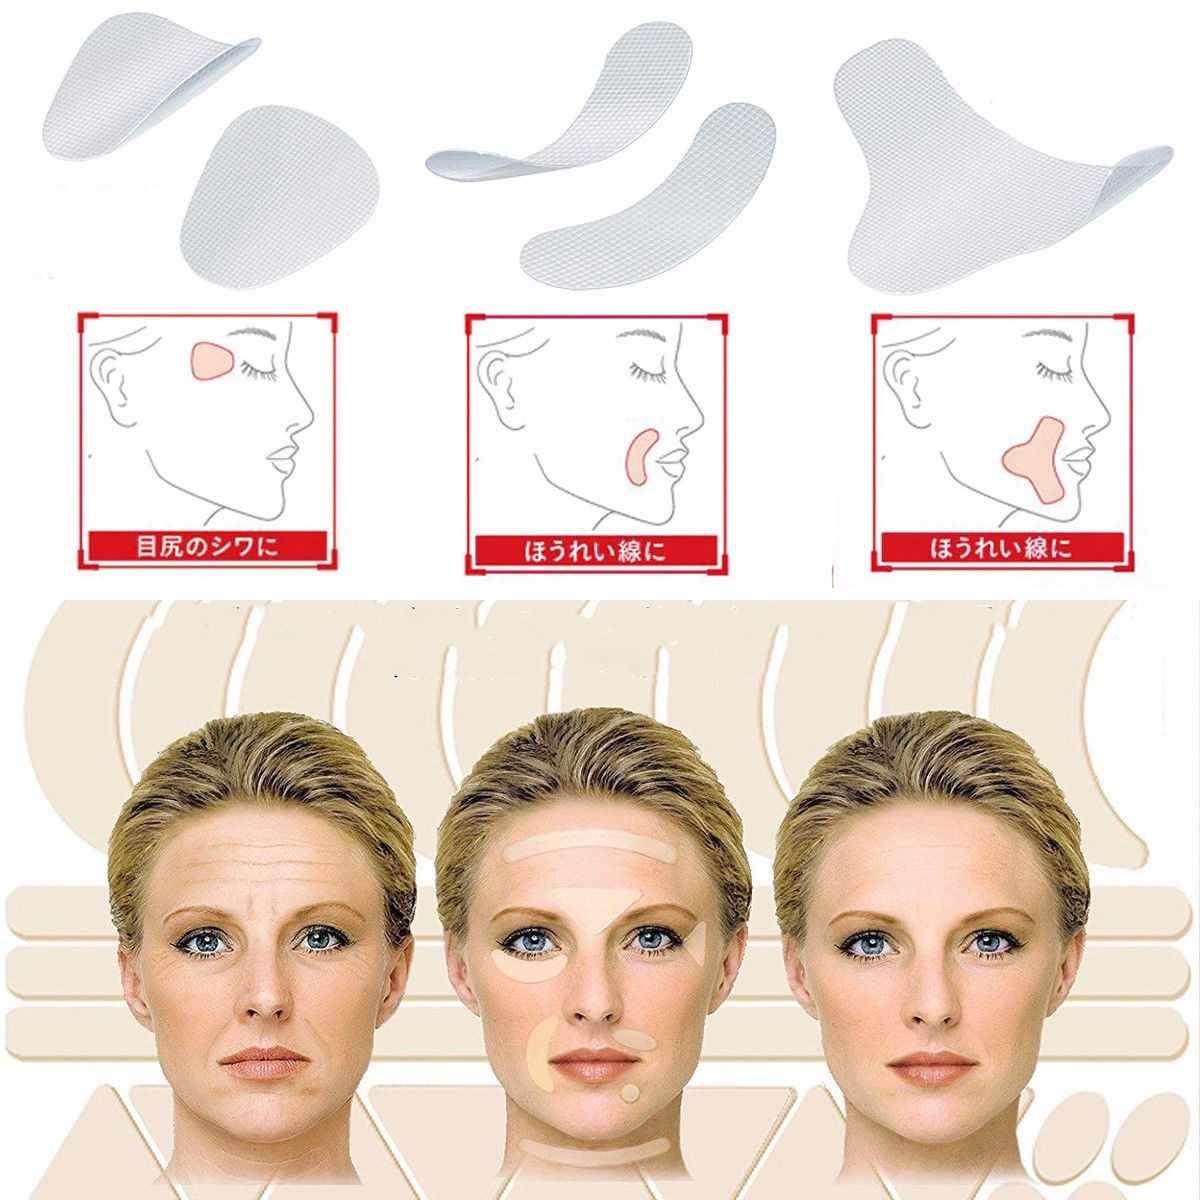 1 סט יוניסקס דק פנים מדבקות שרף נגד קמטים נגד הזדקנות תיקוני לפעול על פנים קו קמטים שקוע יופי עור להרים